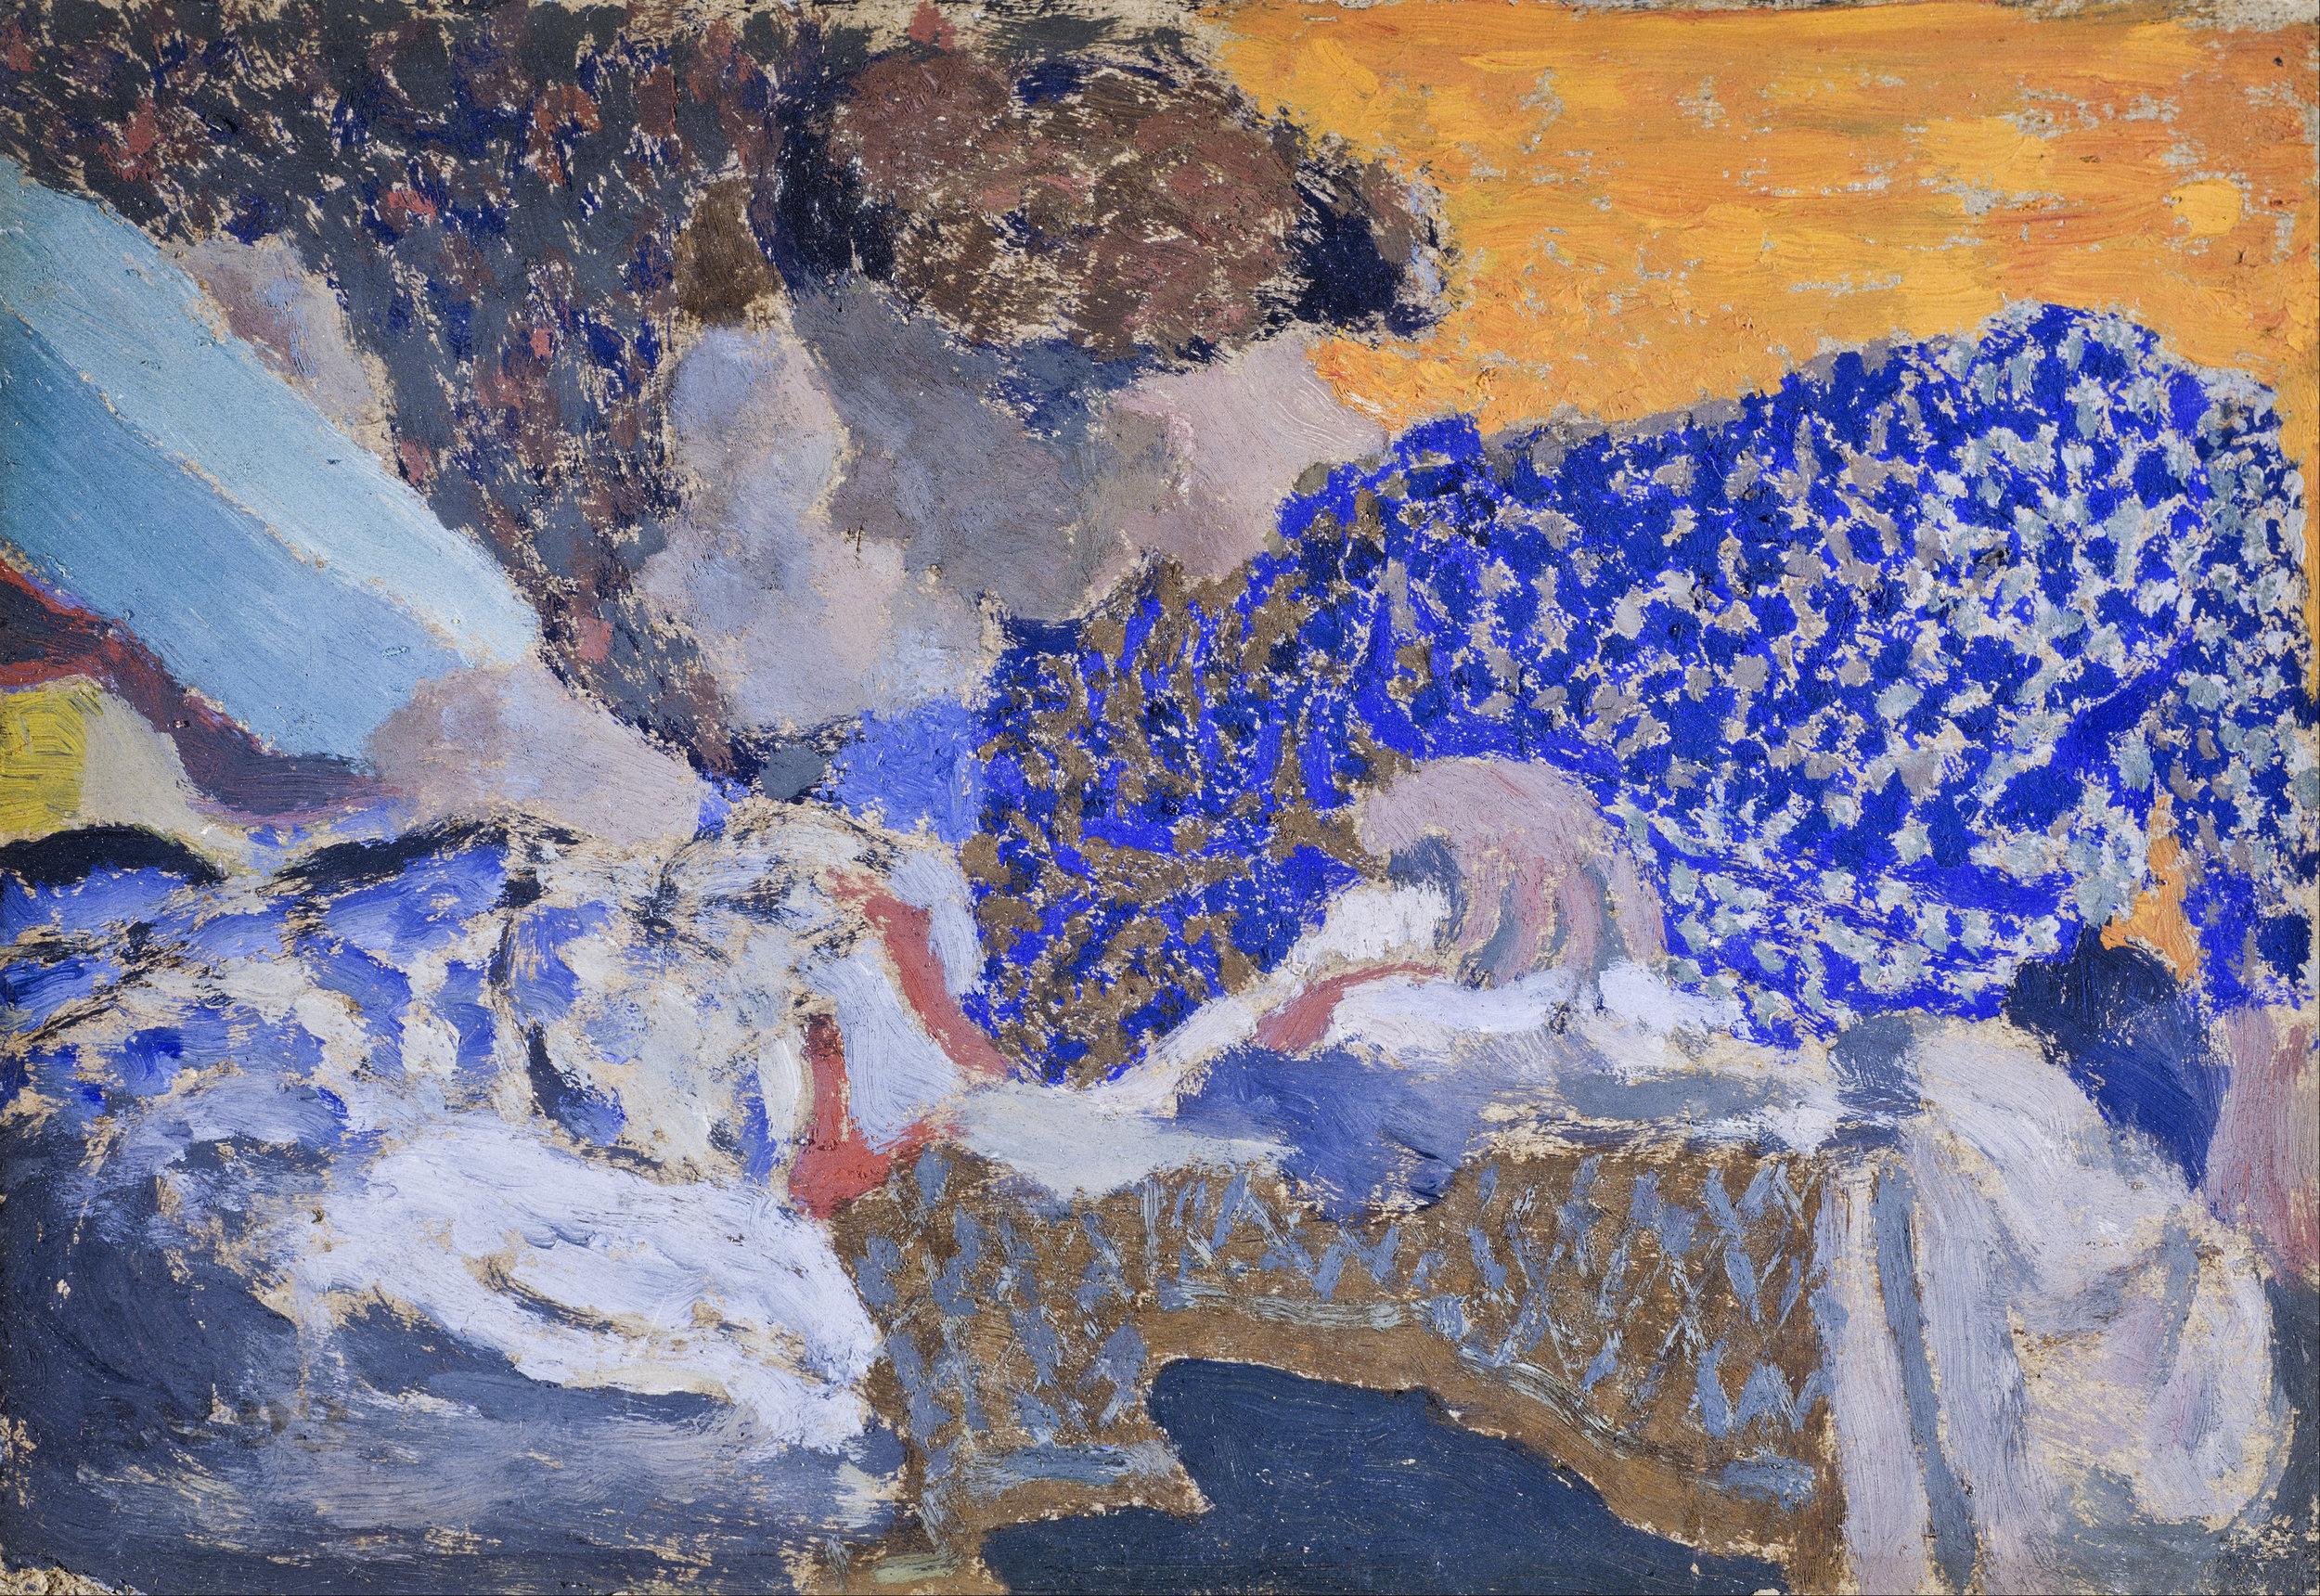 Edouard_Vuillard_-_Deux_ouvrières_dans_l'atelier_de_couture_(Two_Seamstresses_in_the_Workroom)_-_Google_Art_Project.jpg